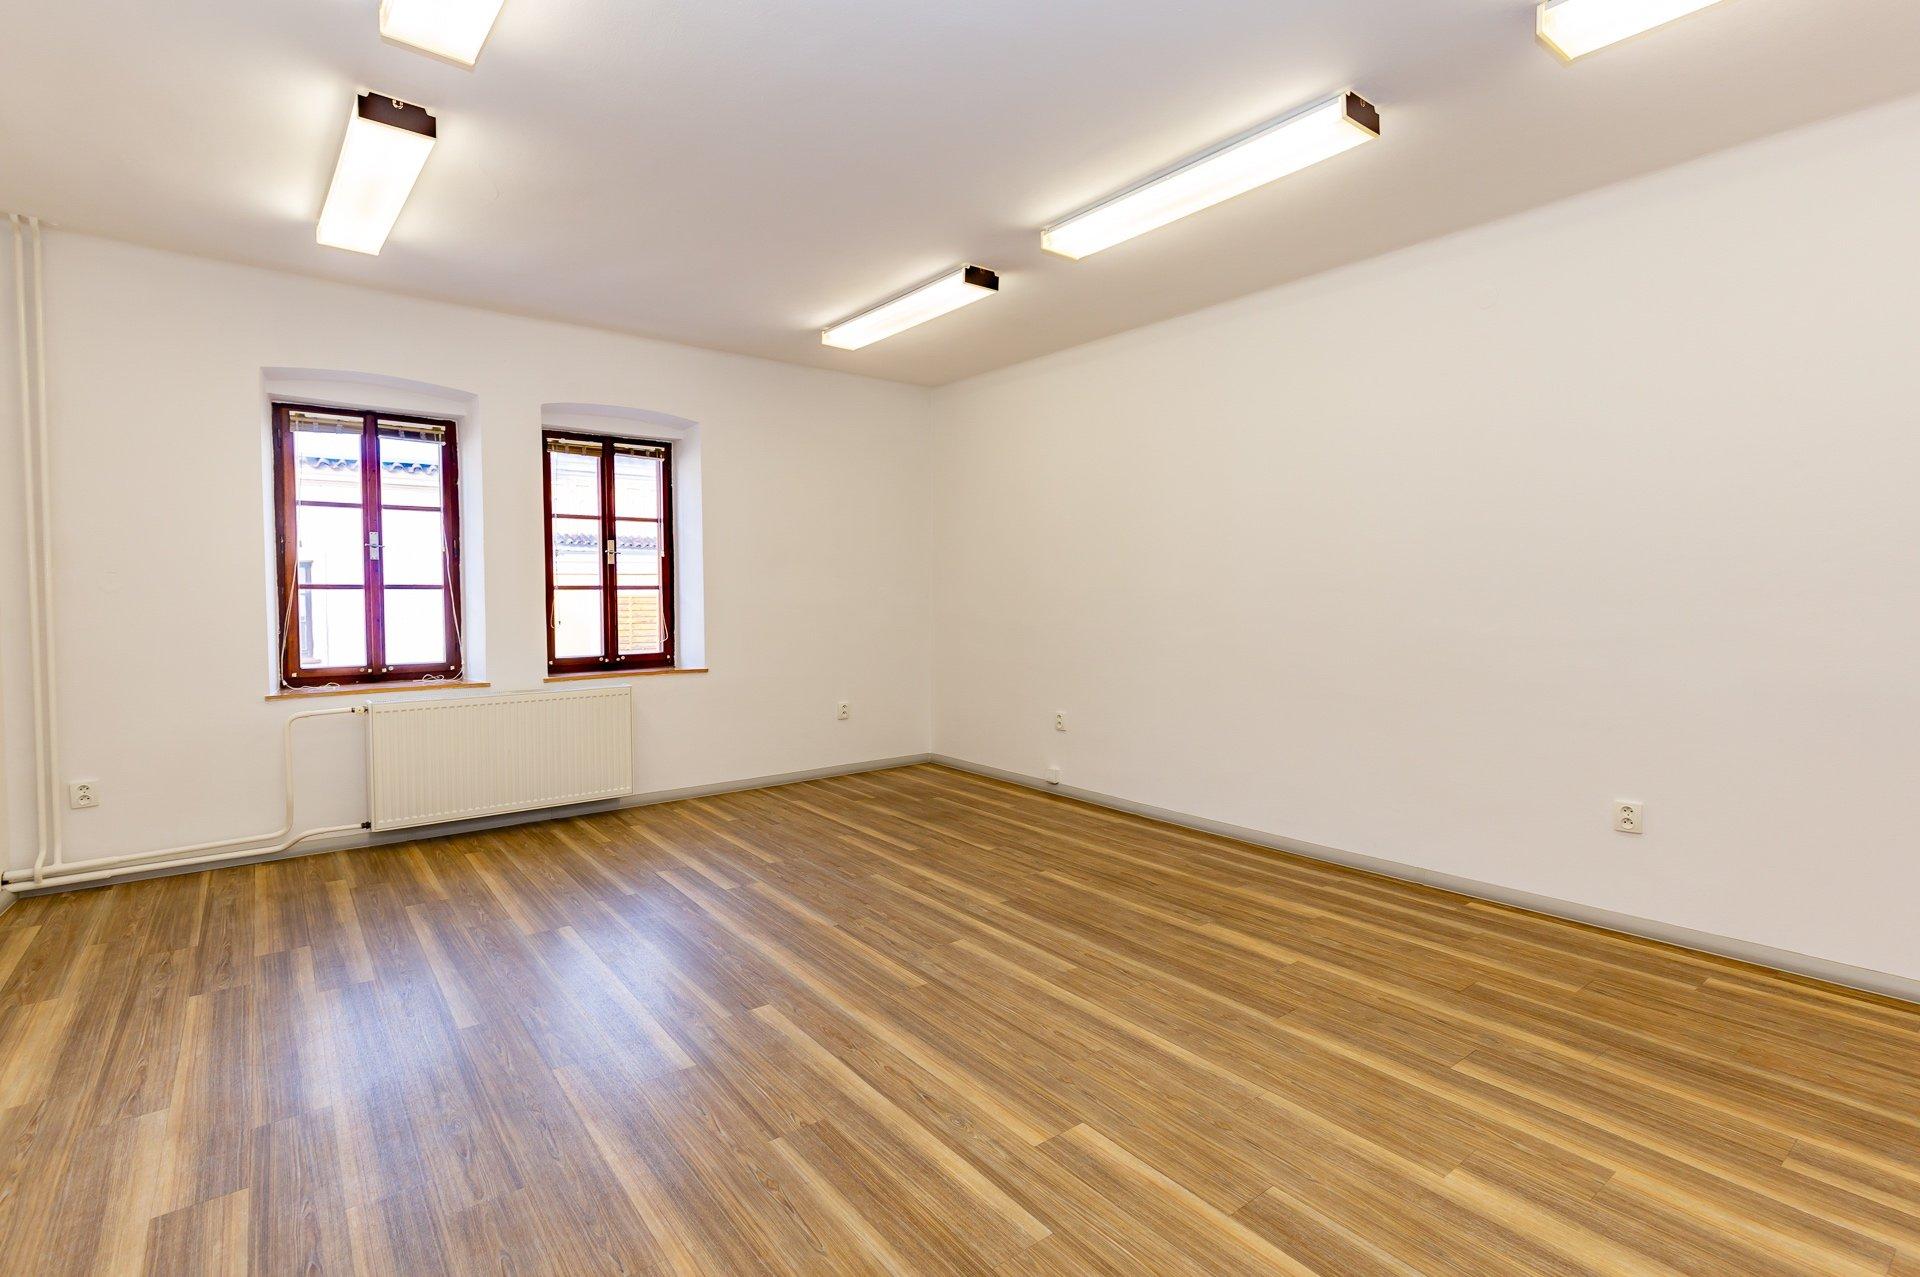 prázdný kancelářský prostor s dřevěnou podlahou a okny